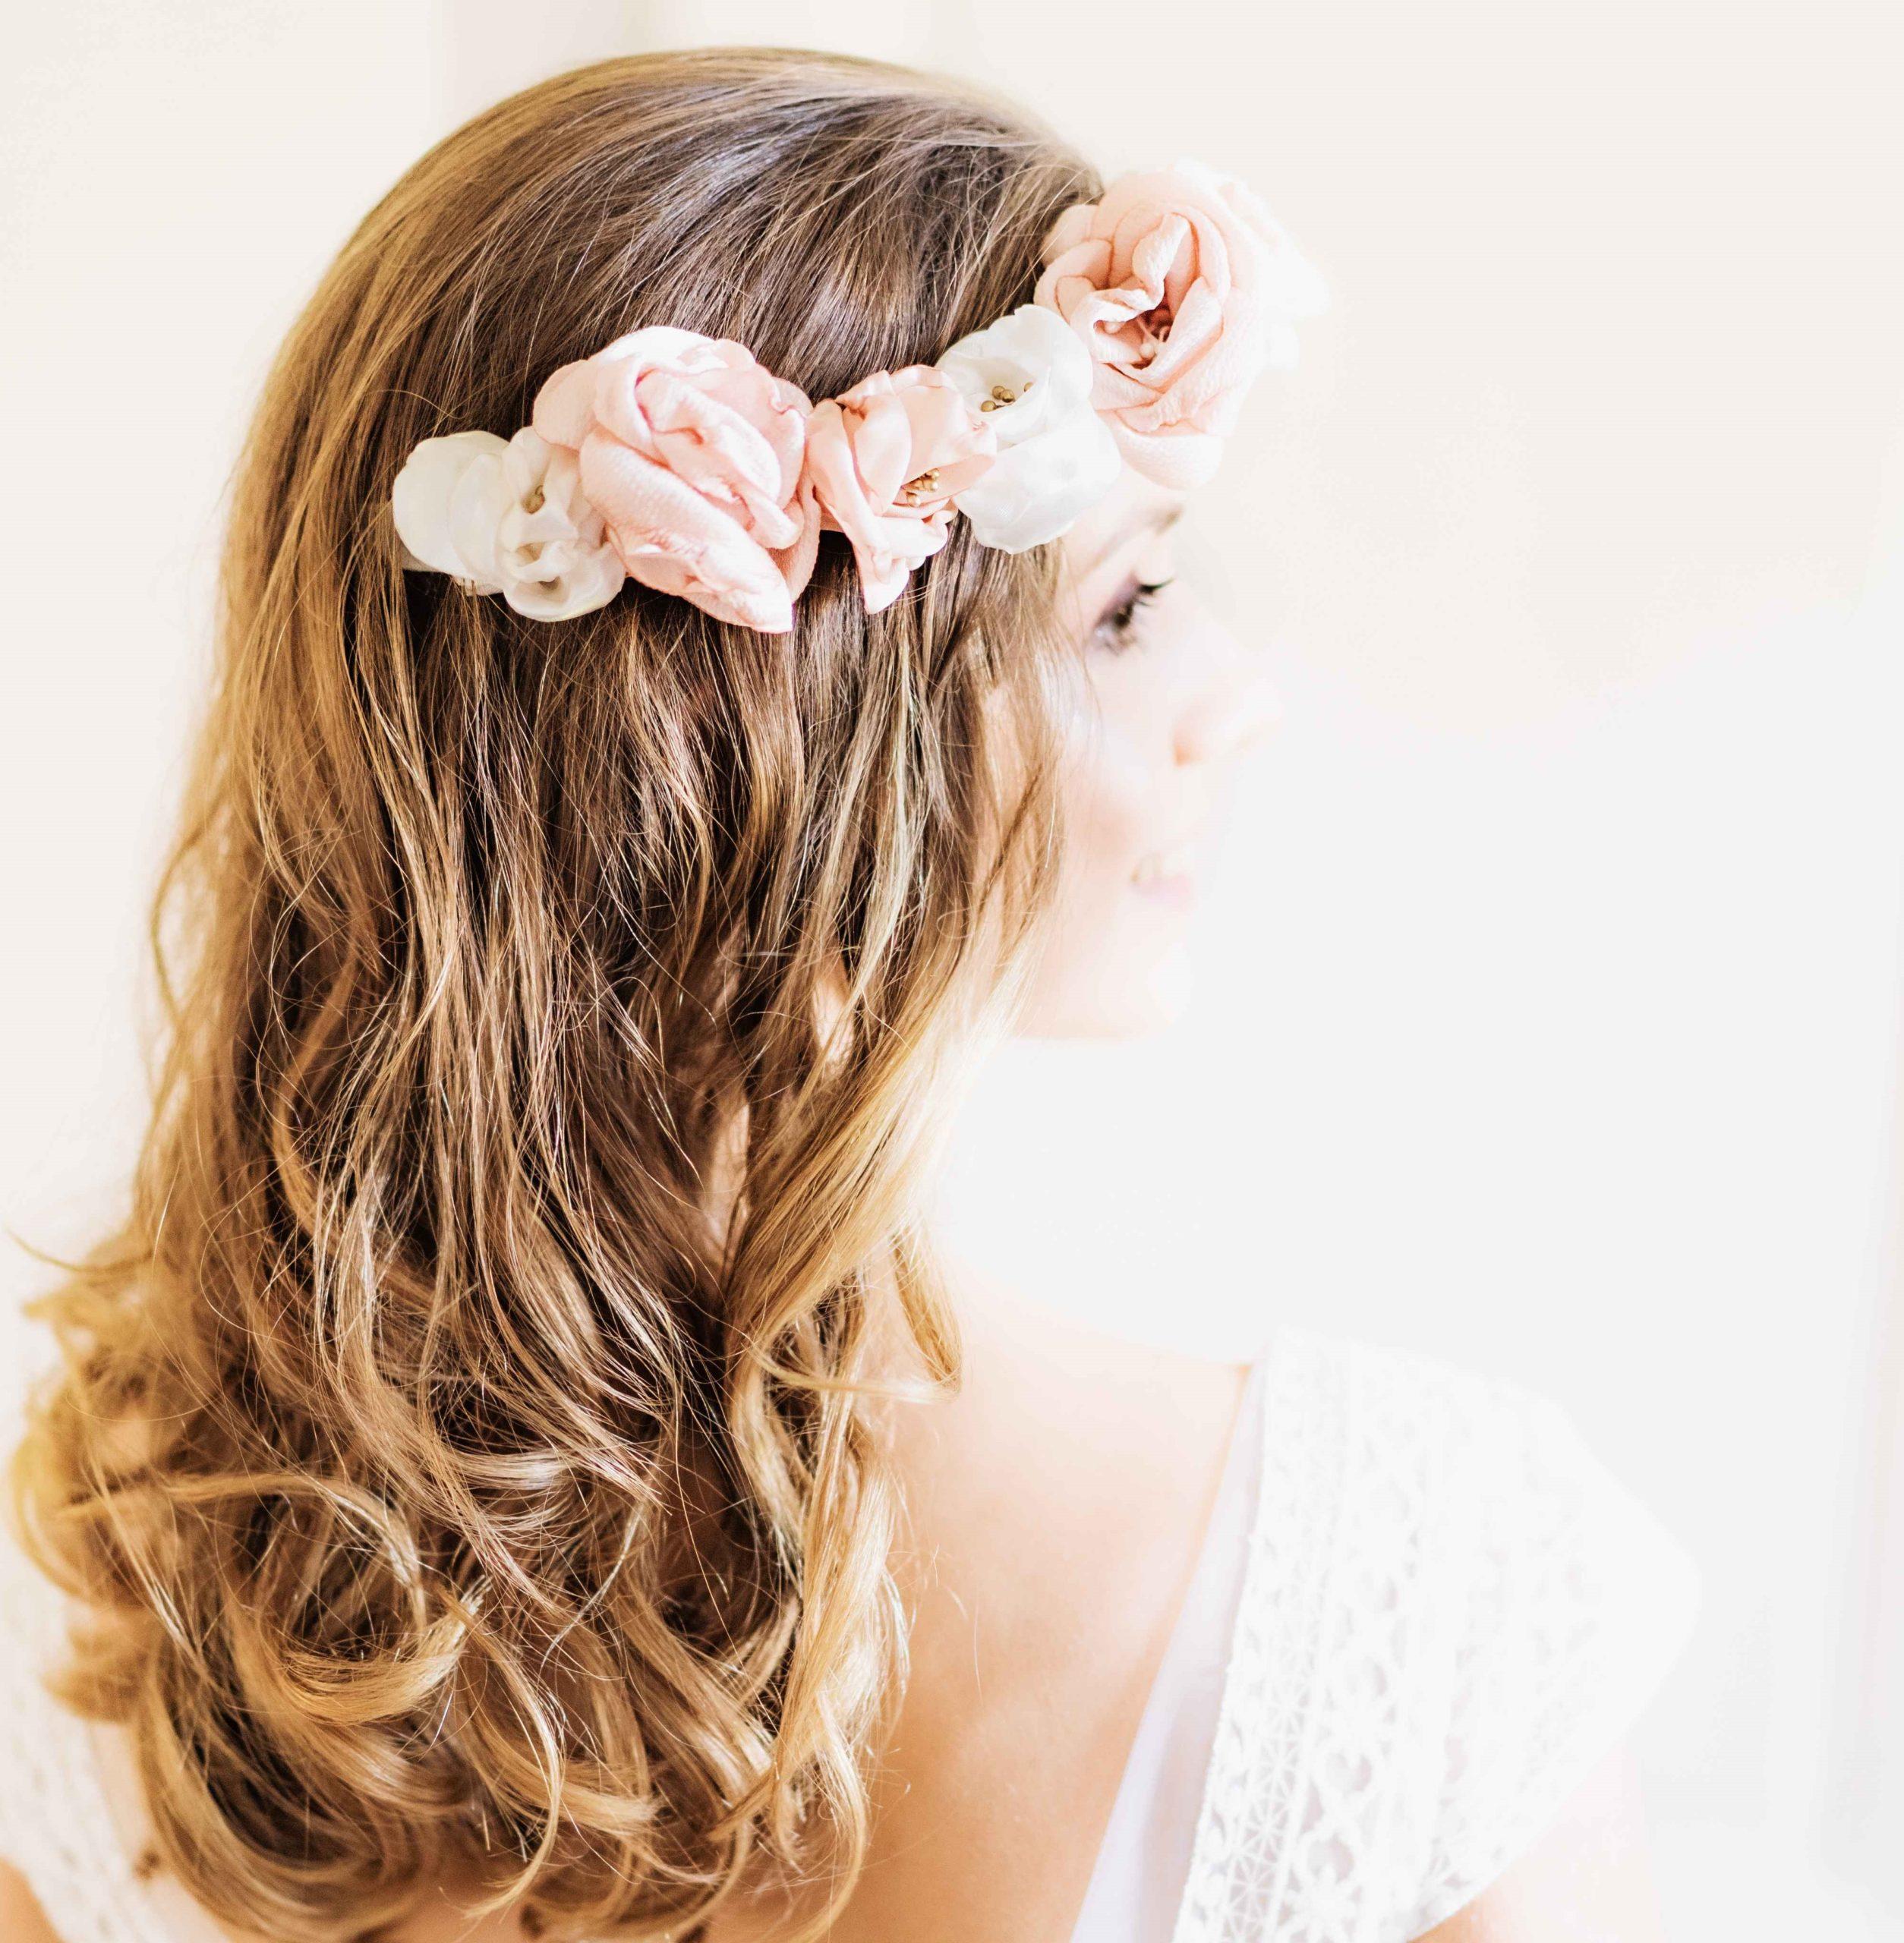 Couronne Elisabeth 3 Alice Marty - Couture florale Accessoires Mariage